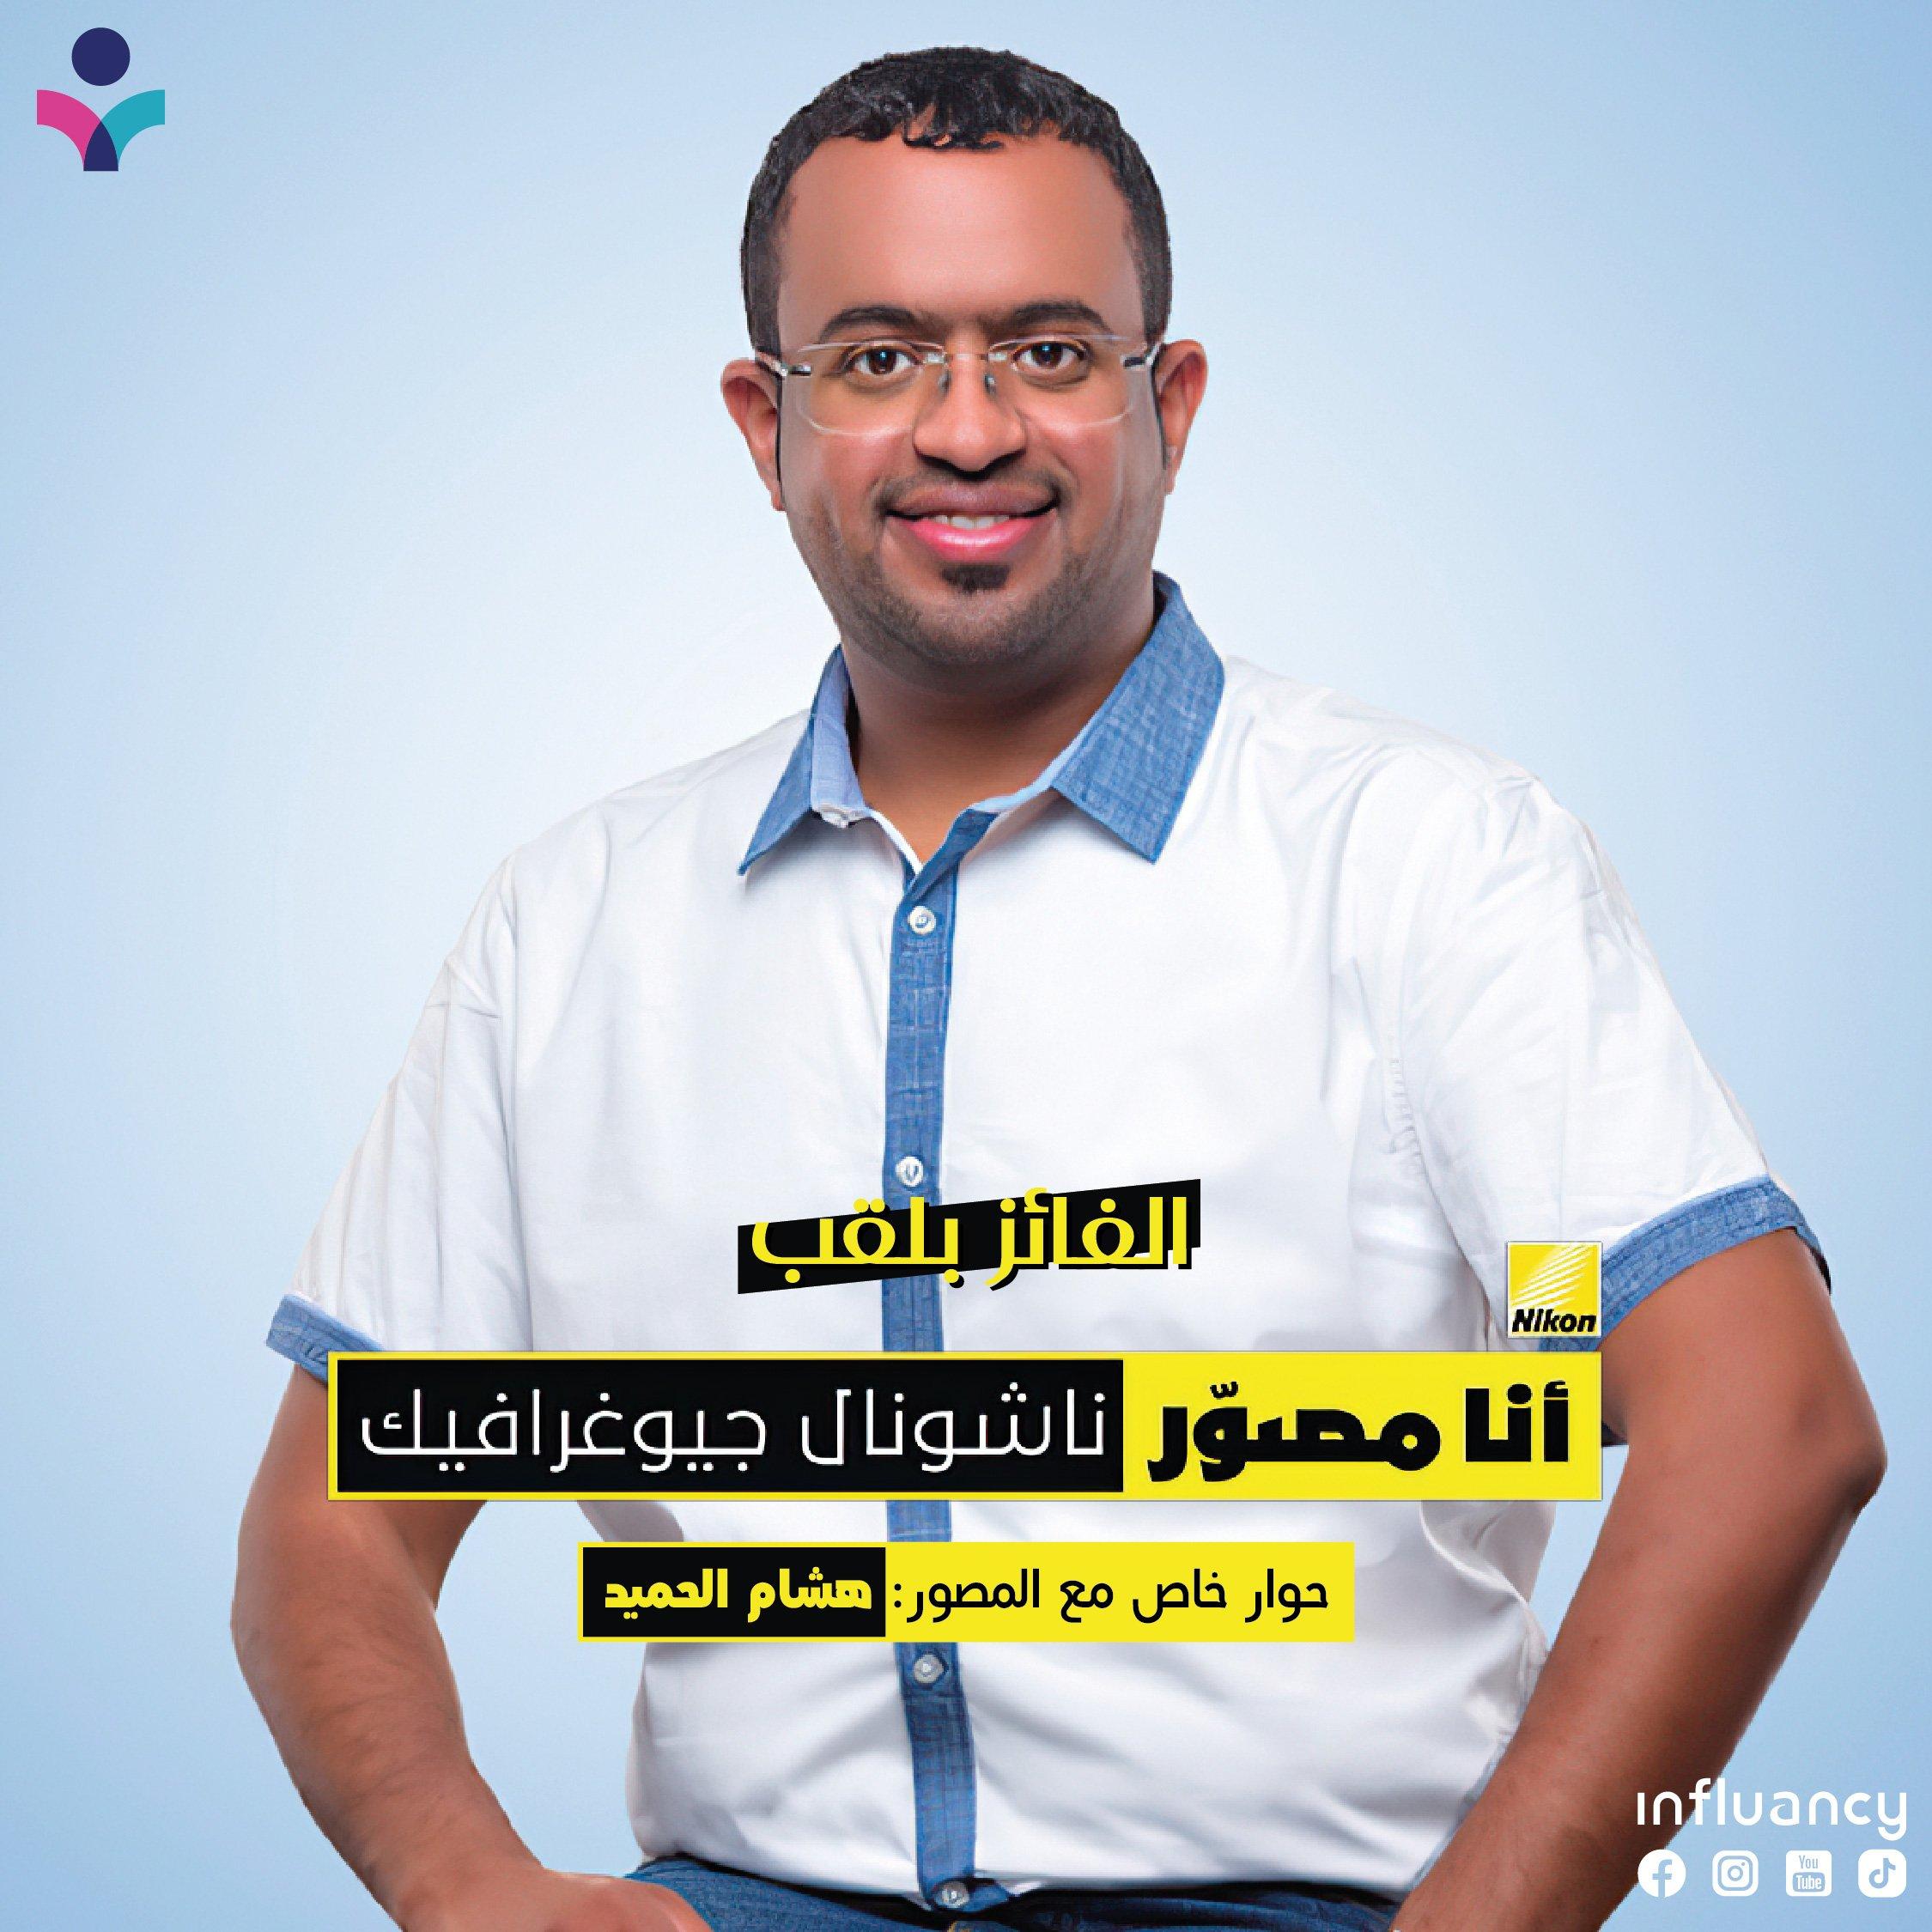 """حوار خاص مع المصور: هشام الحميد. و الفائز بلقب مصور """" ناشيونال جيوغرافيك """"2018 ."""